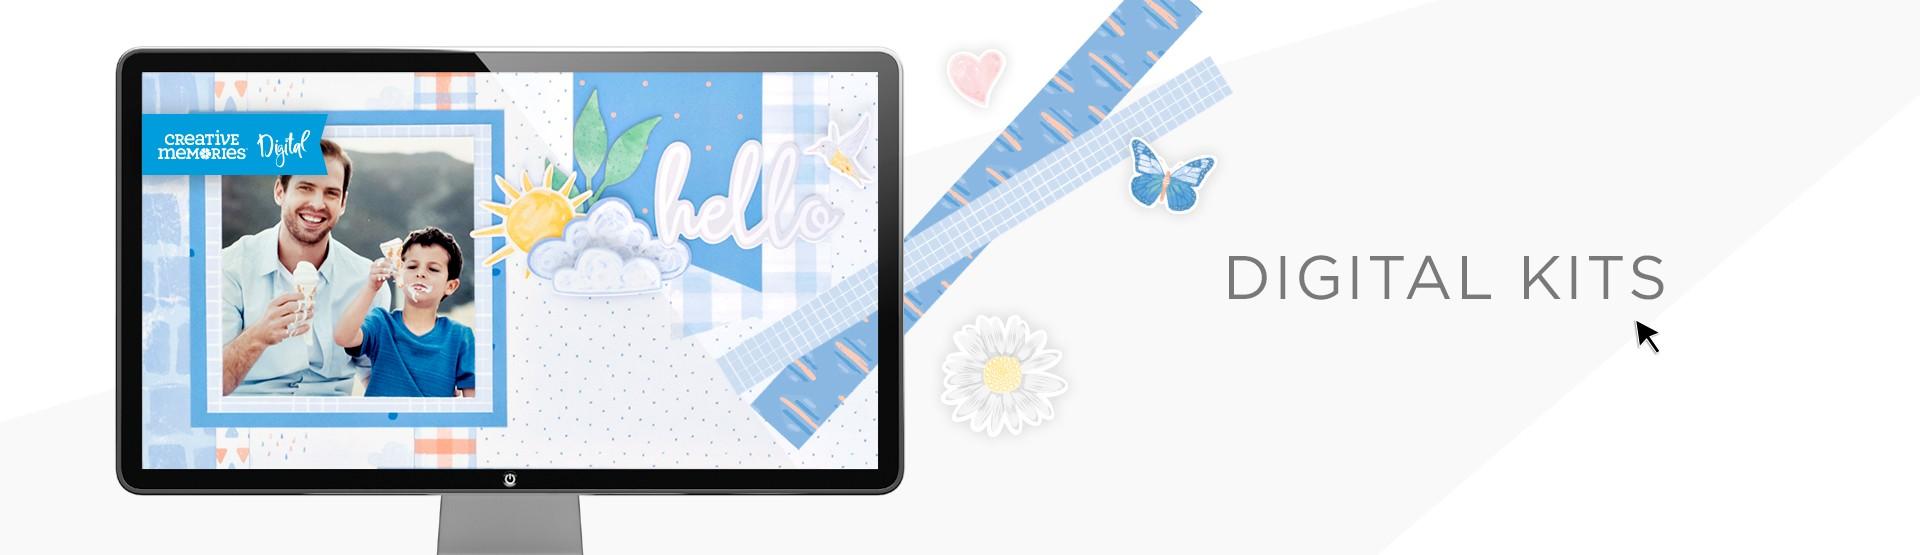 Digital Kits